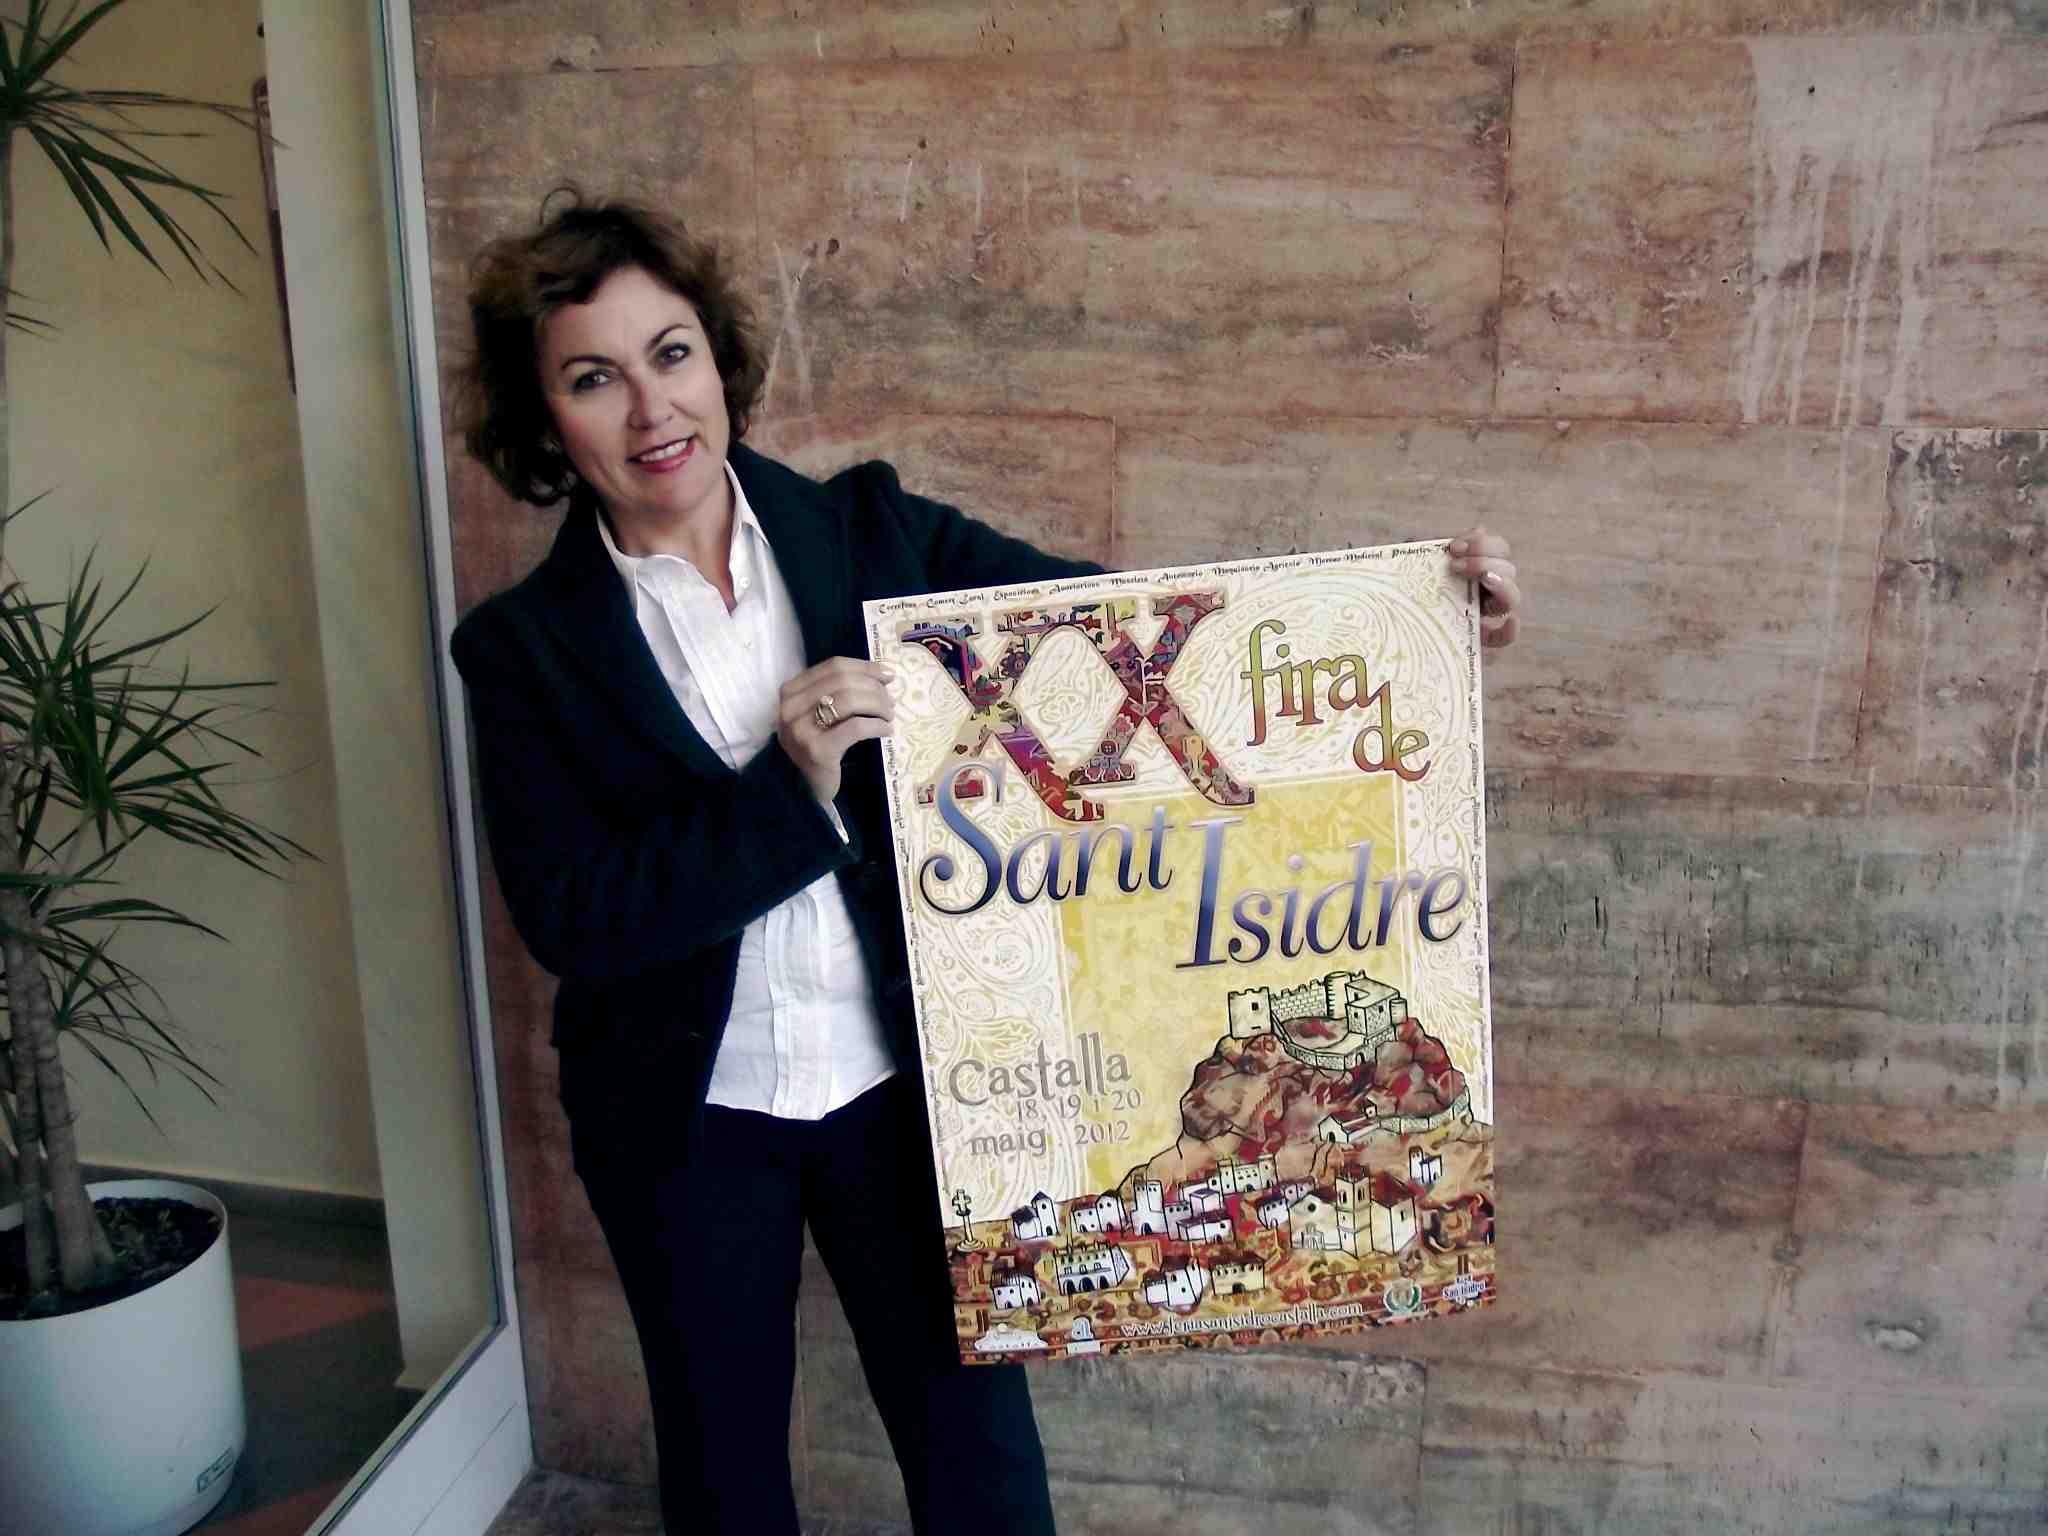 Un jurado popular declara inocente a la exedil de Castalla Magda Durá en el juicio por la organización de la Feria de San Isidro de 2012